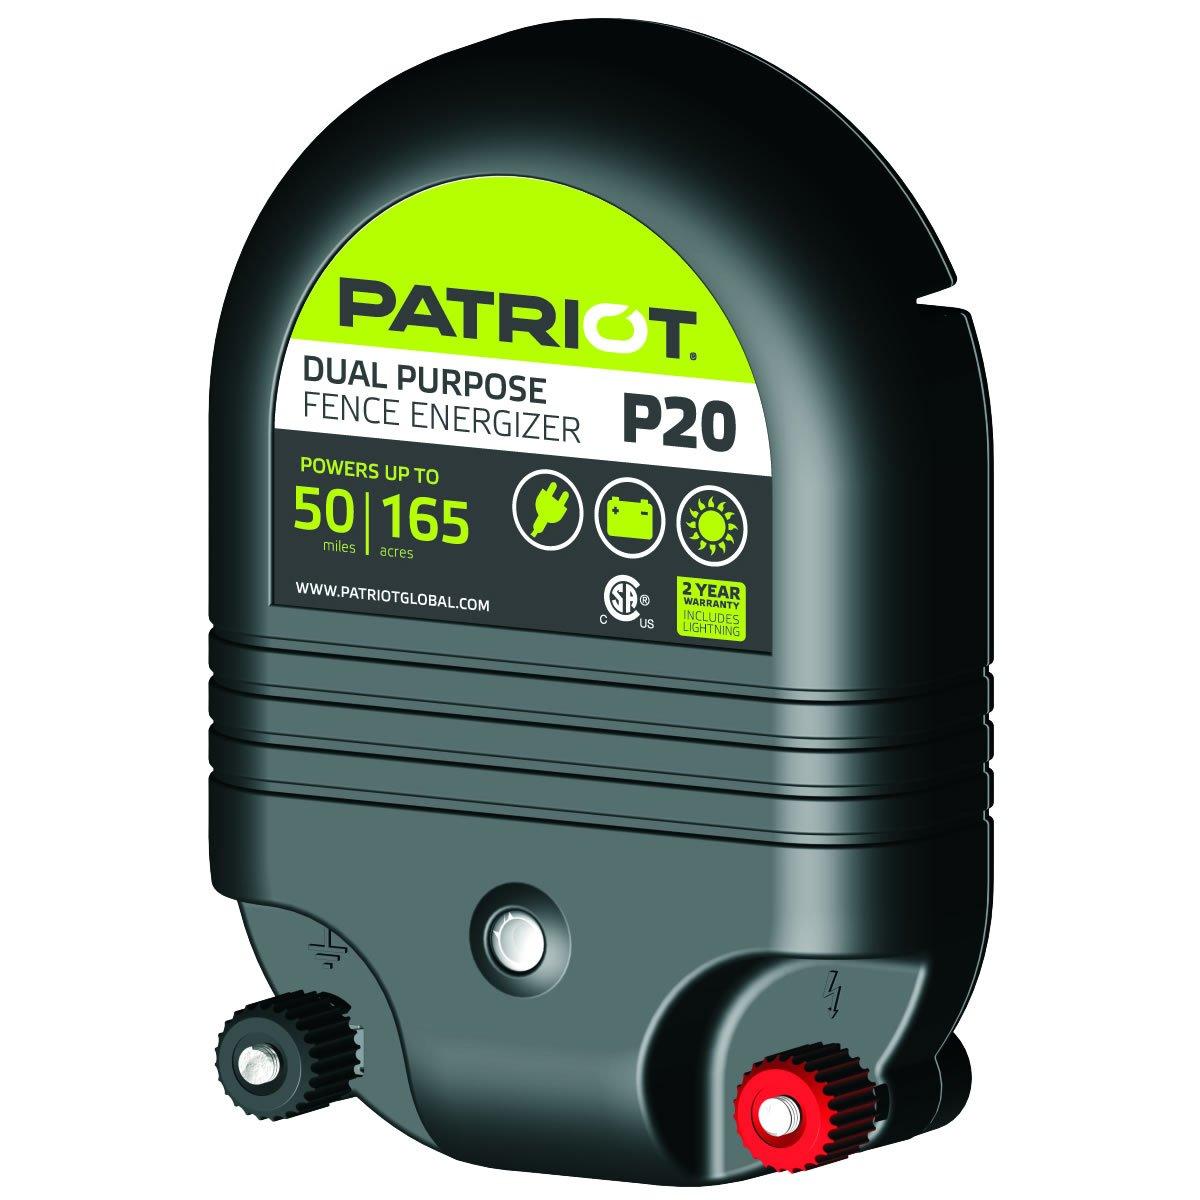 P20 Patriot P20 Dual Purpose Electric Fence Energizer, 2.0 Joule